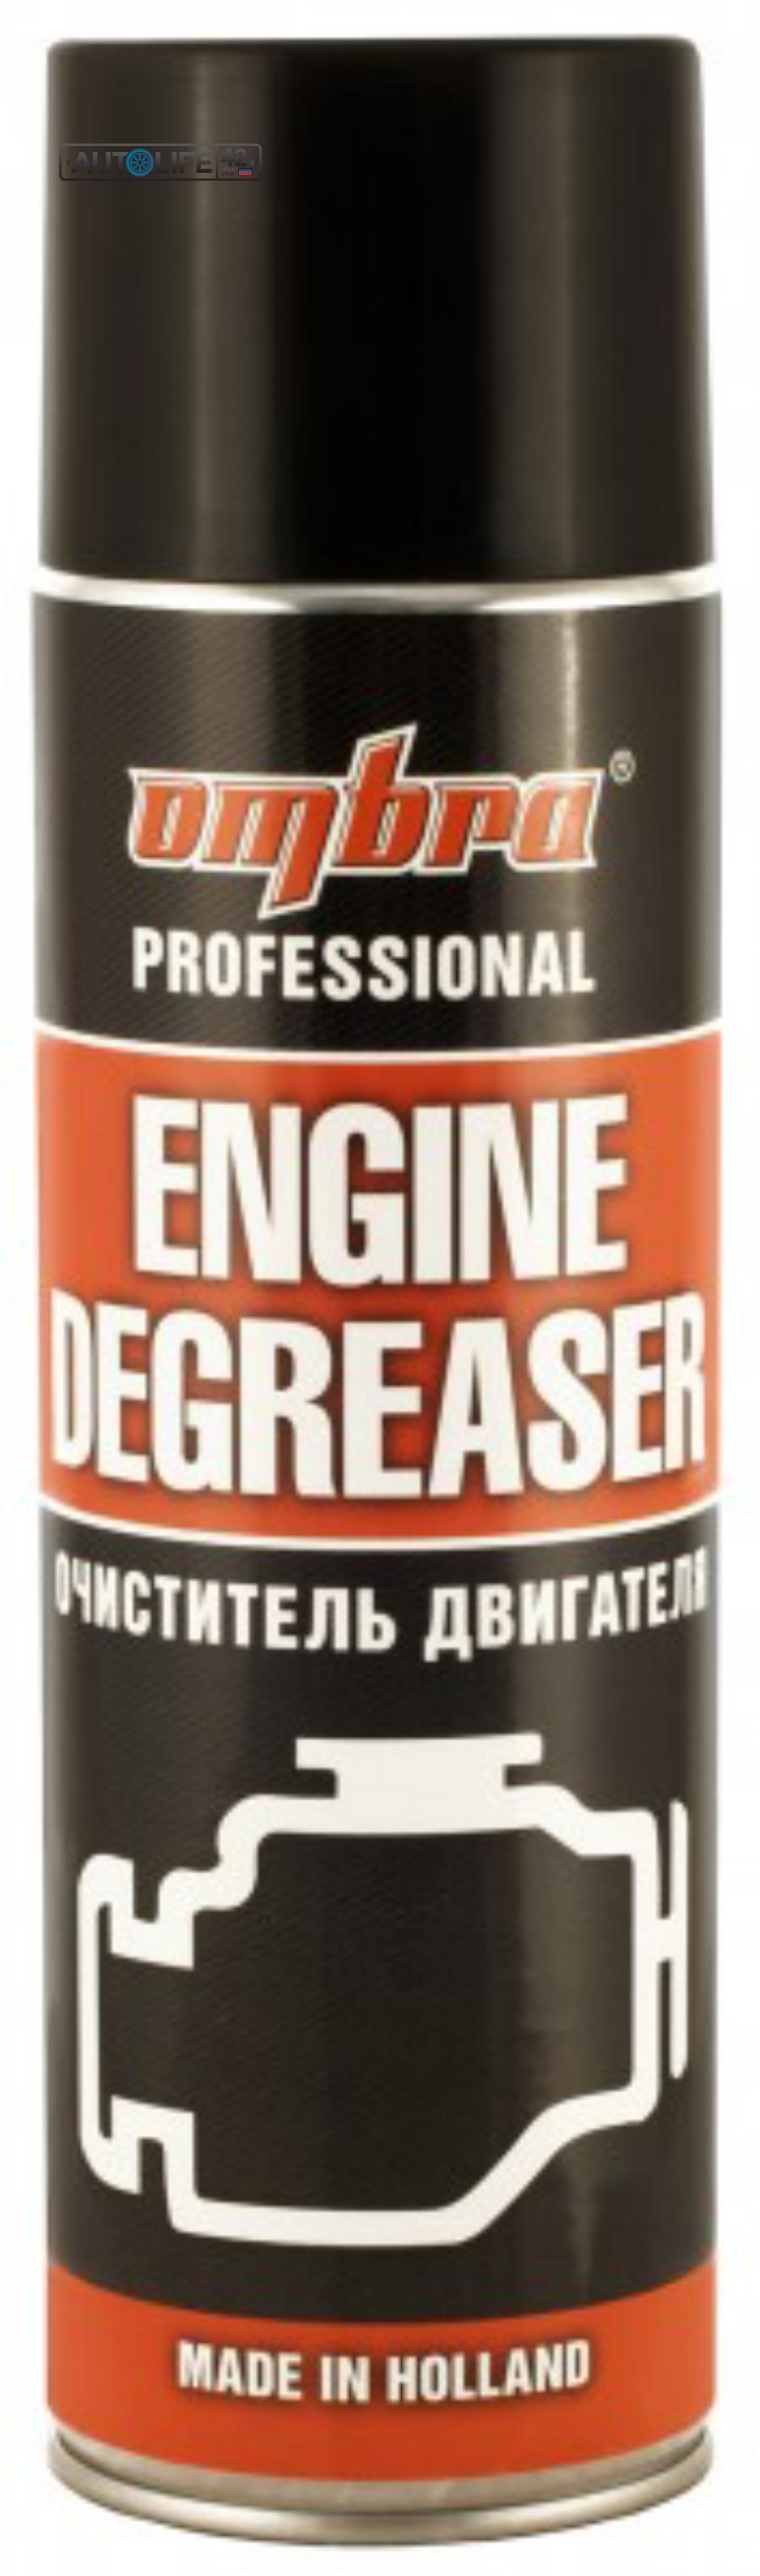 Очиститель двигателя, 500 мл